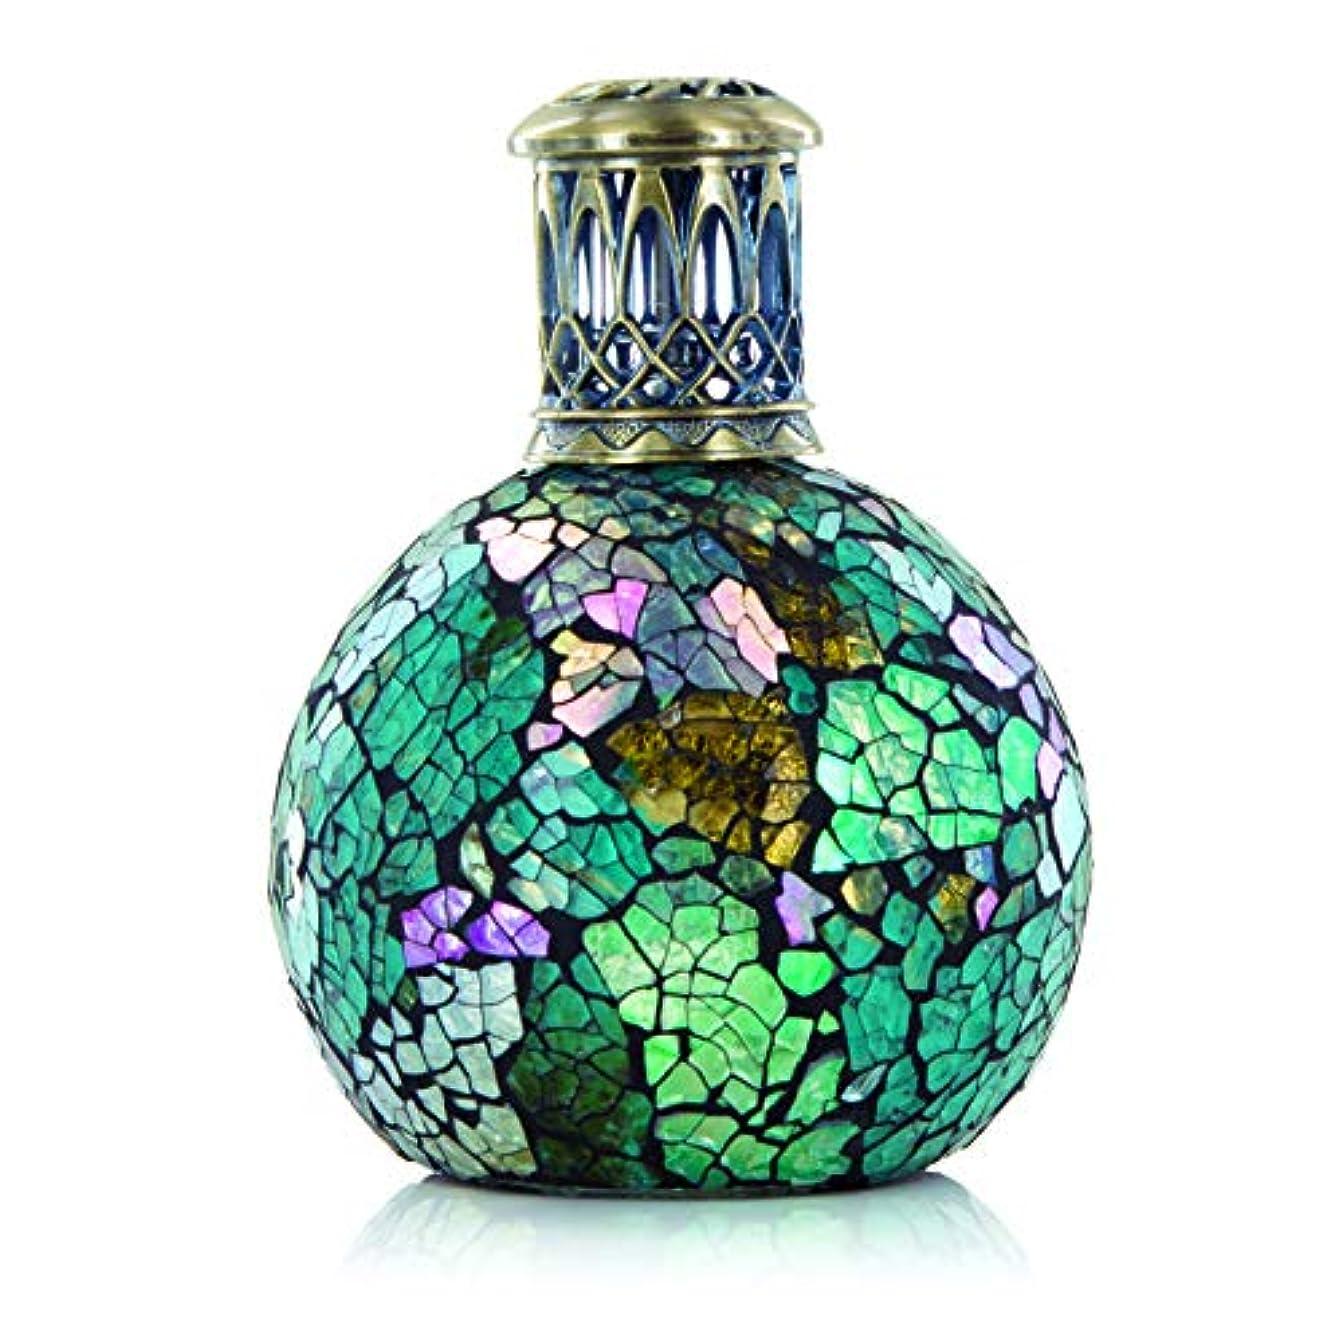 Ashleigh&Burwood フレグランスランプ S ピーコックフェザー FragranceLamps sizeS PeacockFeather アシュレイ&バーウッド